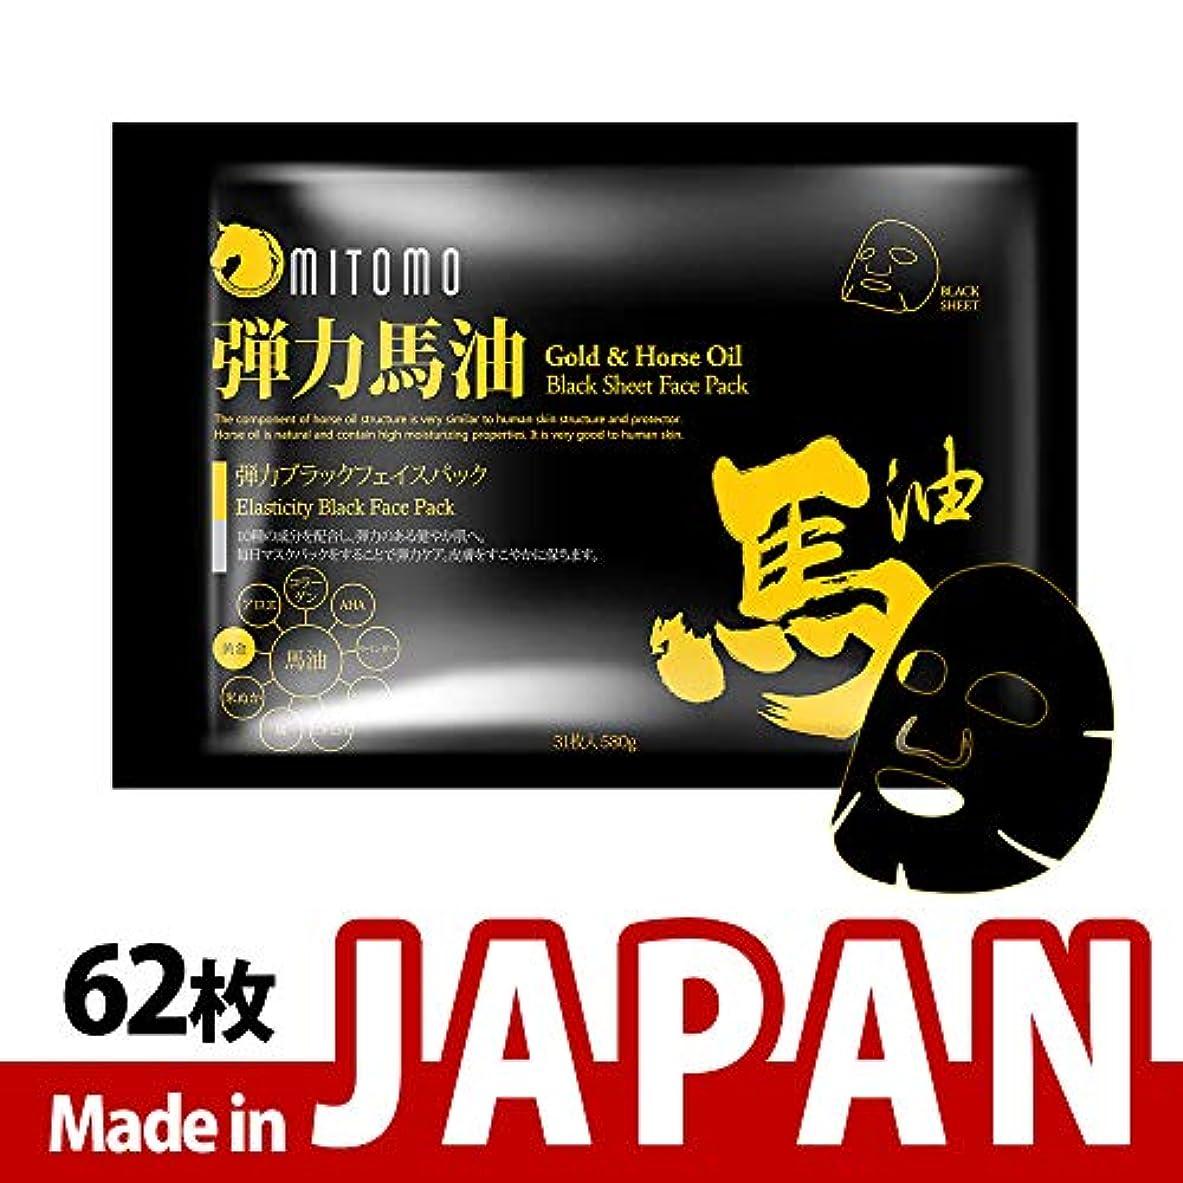 間バトル屈辱する【MC740-C-0】シートマスク/31枚入り/62枚/美容液/マスクパック/送料無料